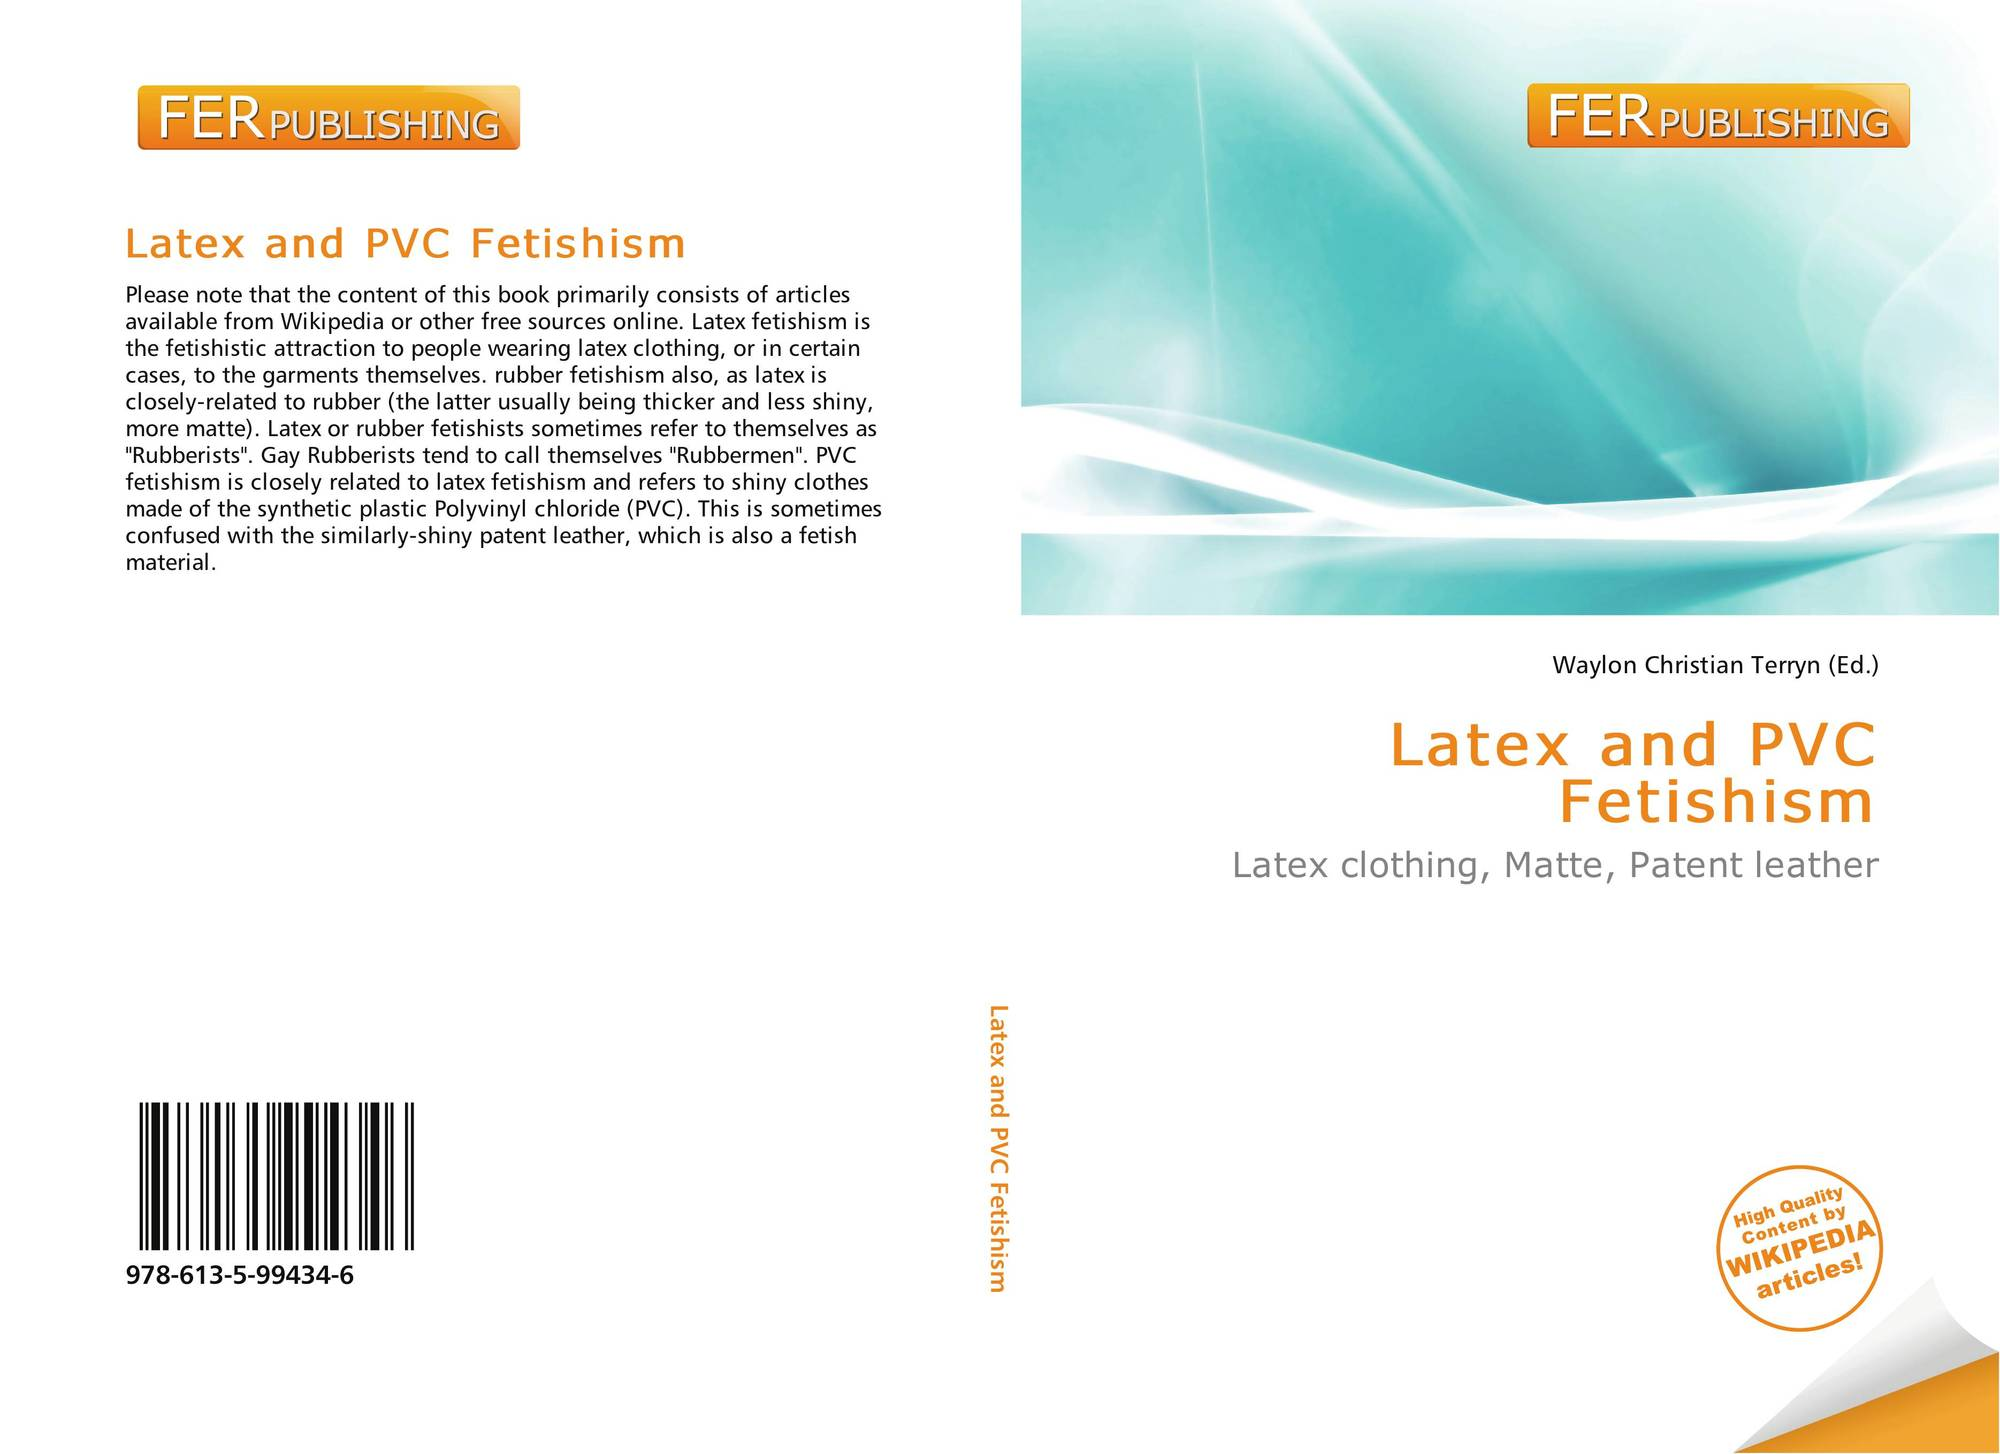 b8cd4c78f Latex and PVC Fetishism, 978-613-5-99434-6, 6135994344 ,9786135994346